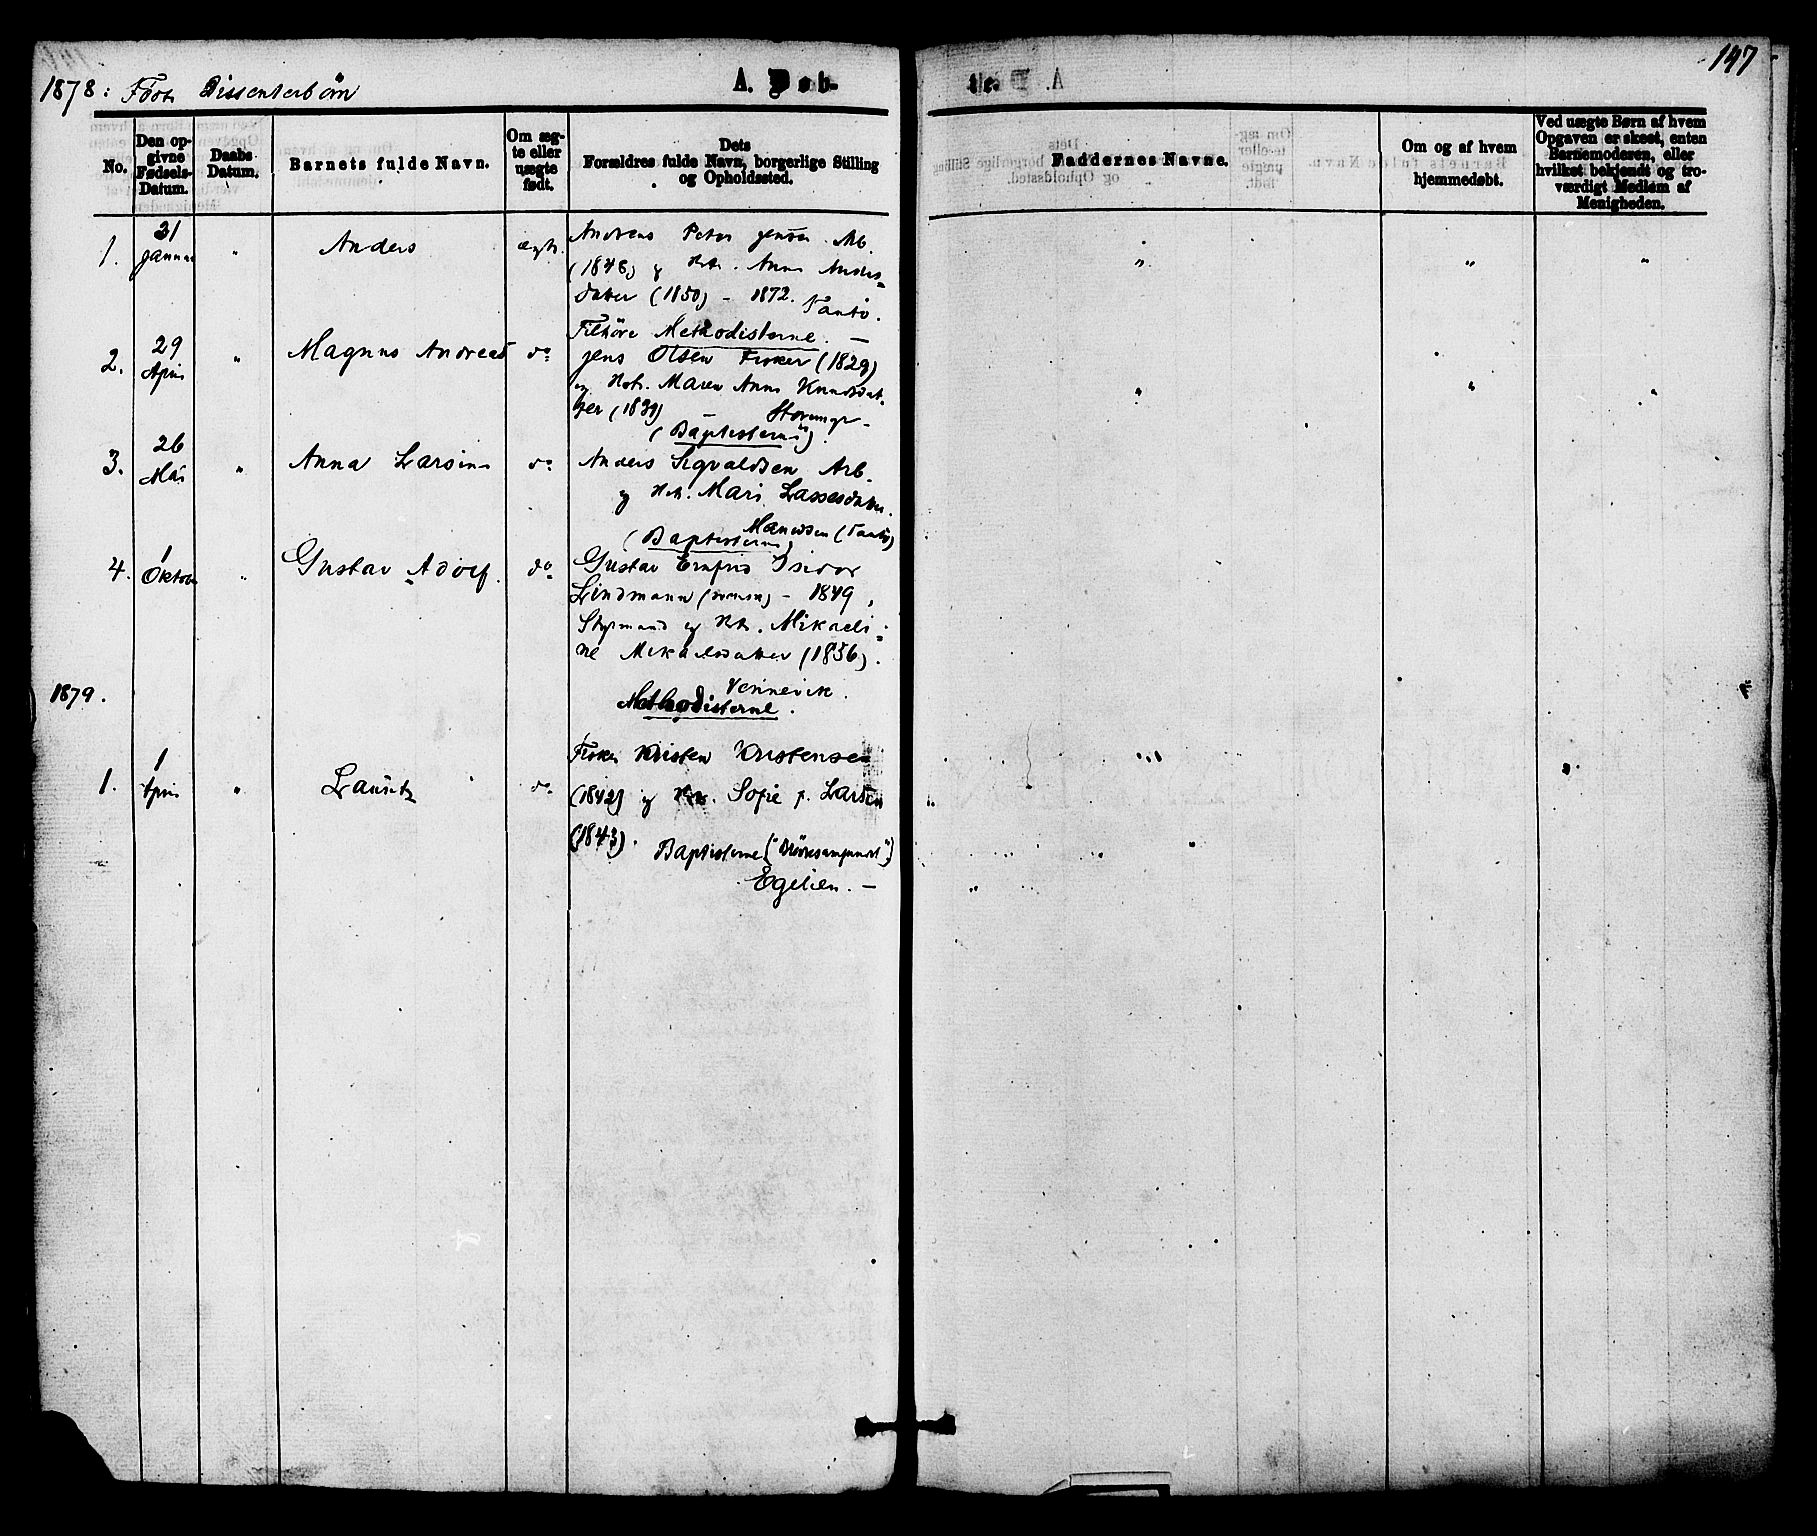 SAKO, Skåtøy kirkebøker, F/Fa/L0001: Ministerialbok nr. I 1, 1874-1883, s. 147